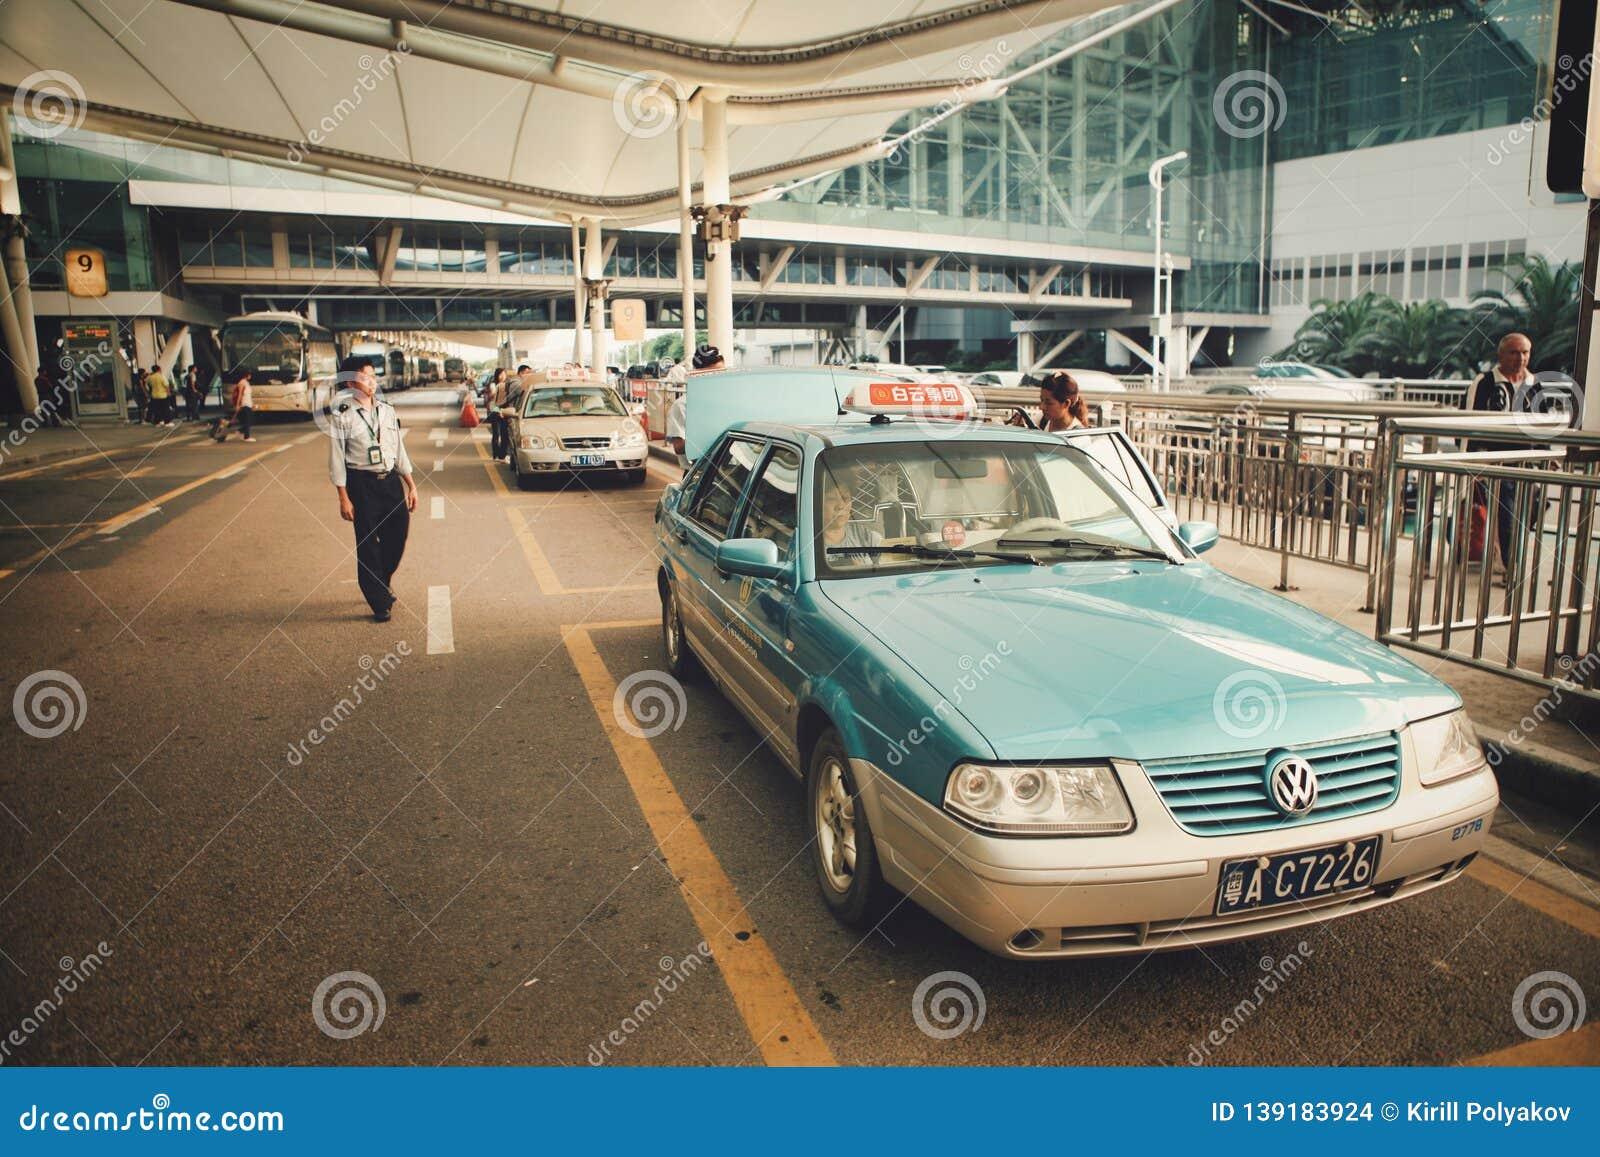 Guangzhou, China - June 25, 2018: Taxi waiting for customers at Guangzhou airport.